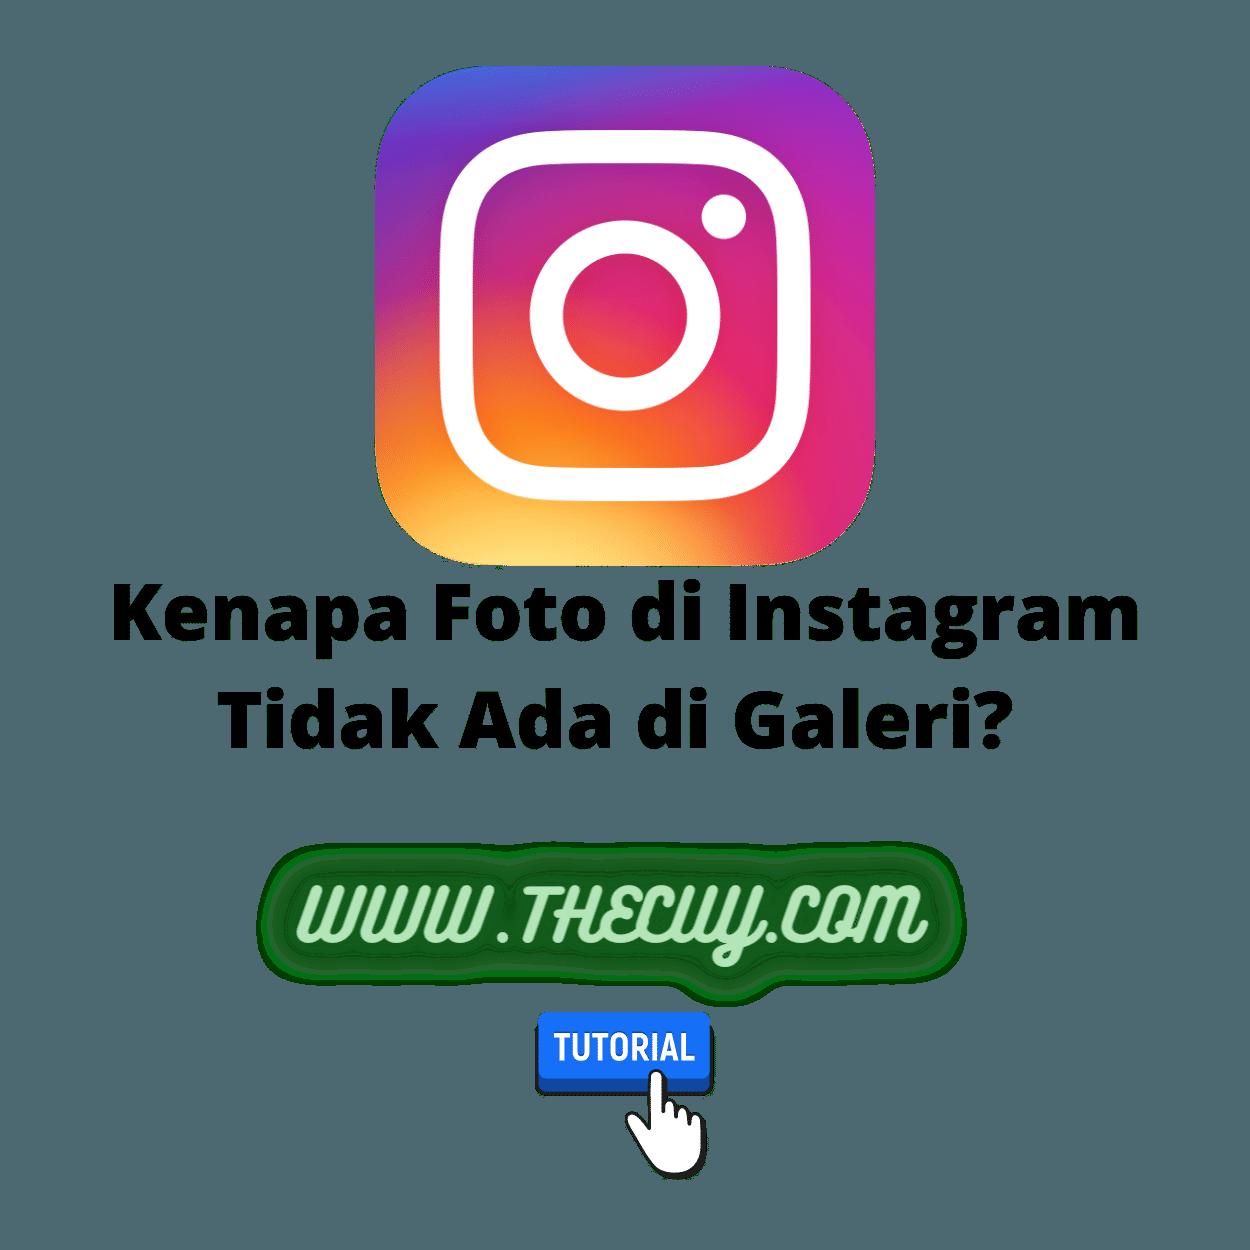 Kenapa Foto di Instagram Tidak Ada di Galeri?